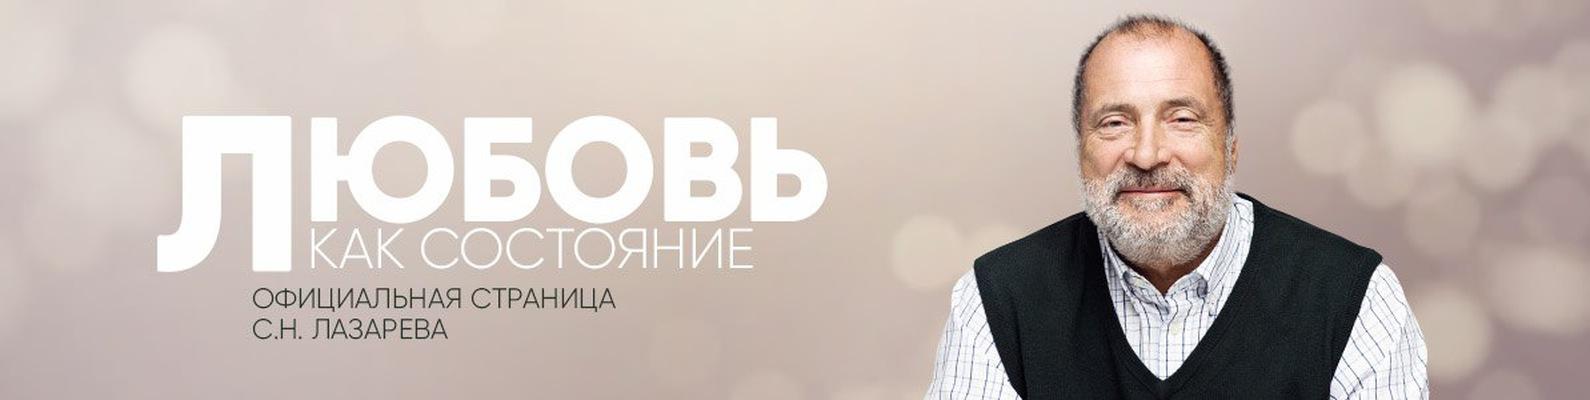 С.Н. Лазарев | Инсульт и шунтирование. Сергей Николаевич Лазарев. Загрузка...